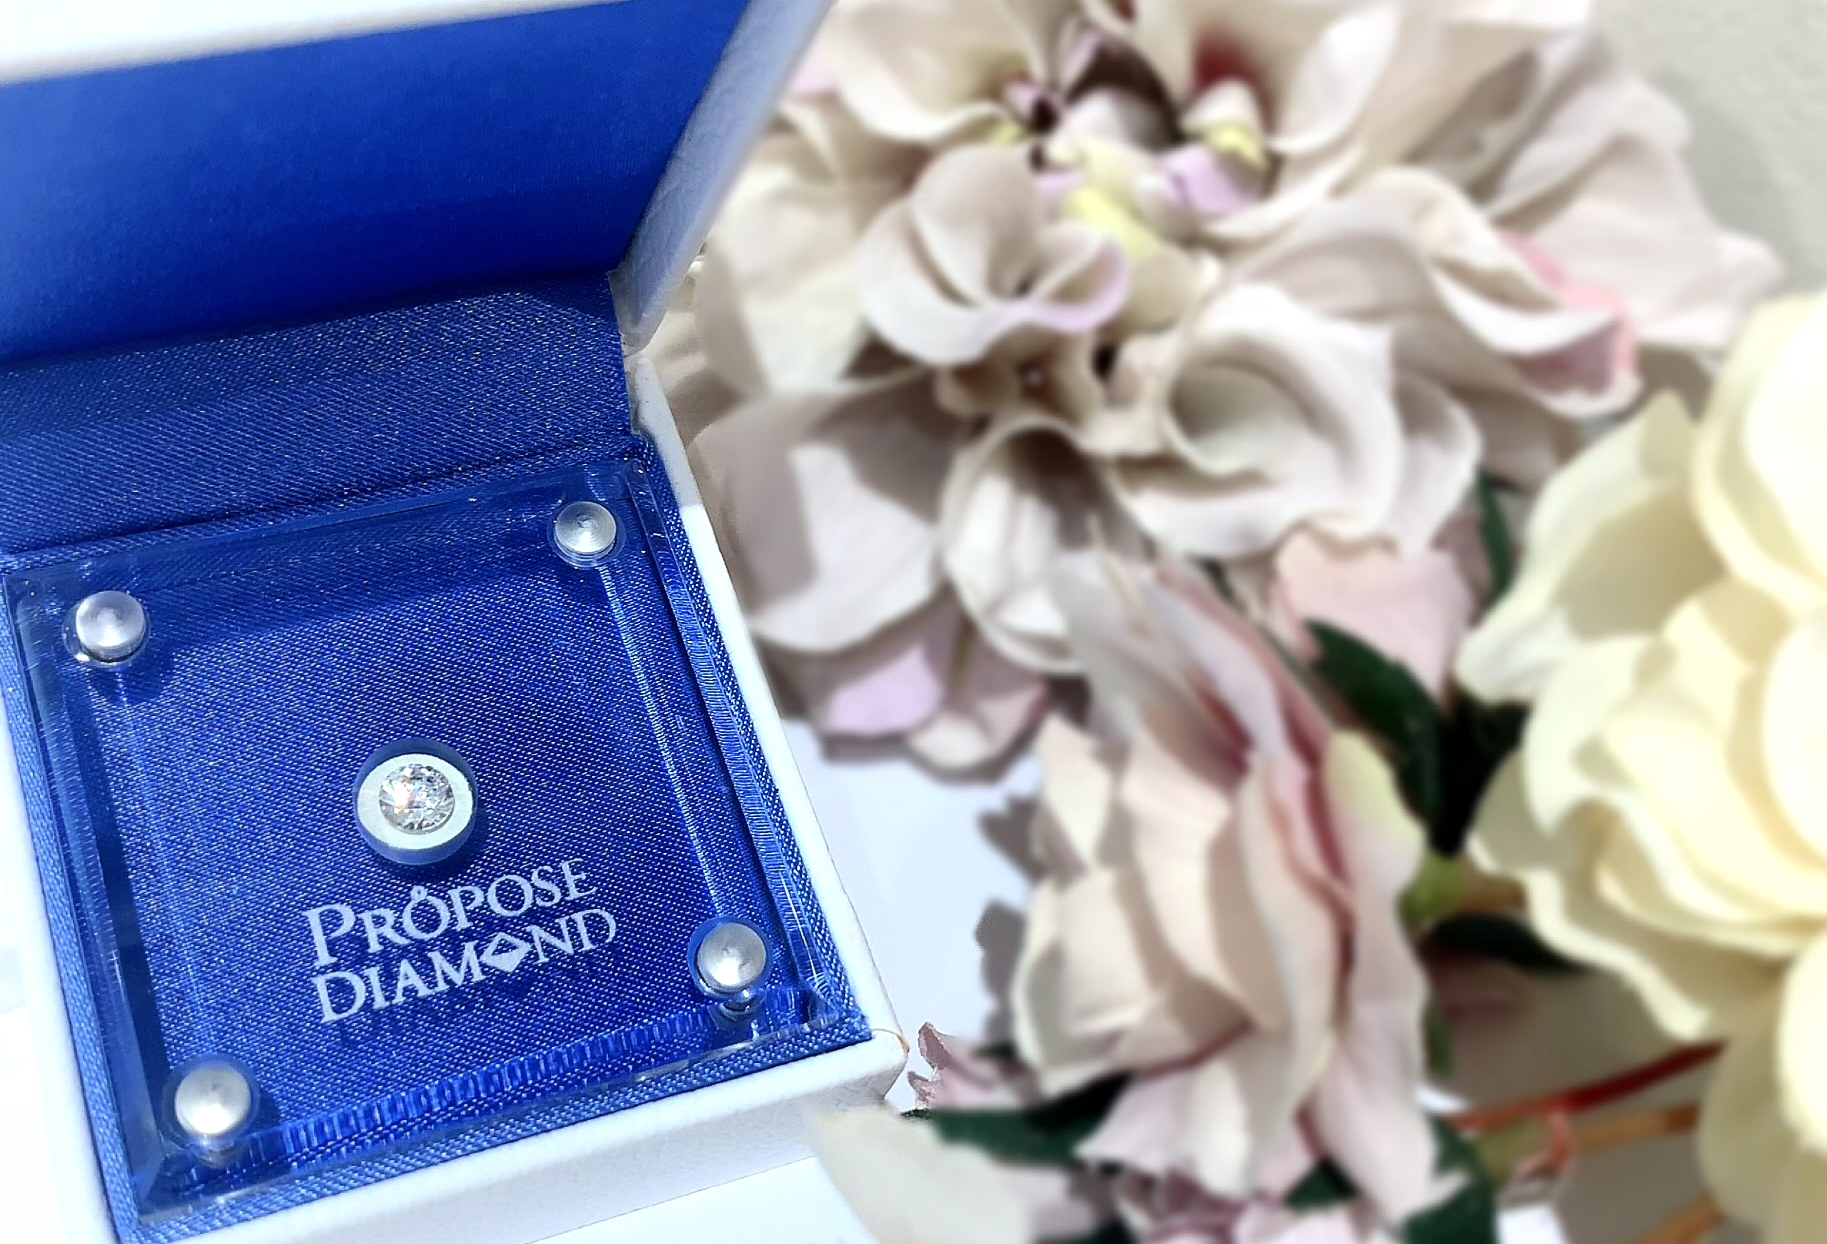 静岡市プロポーズダイヤモンド